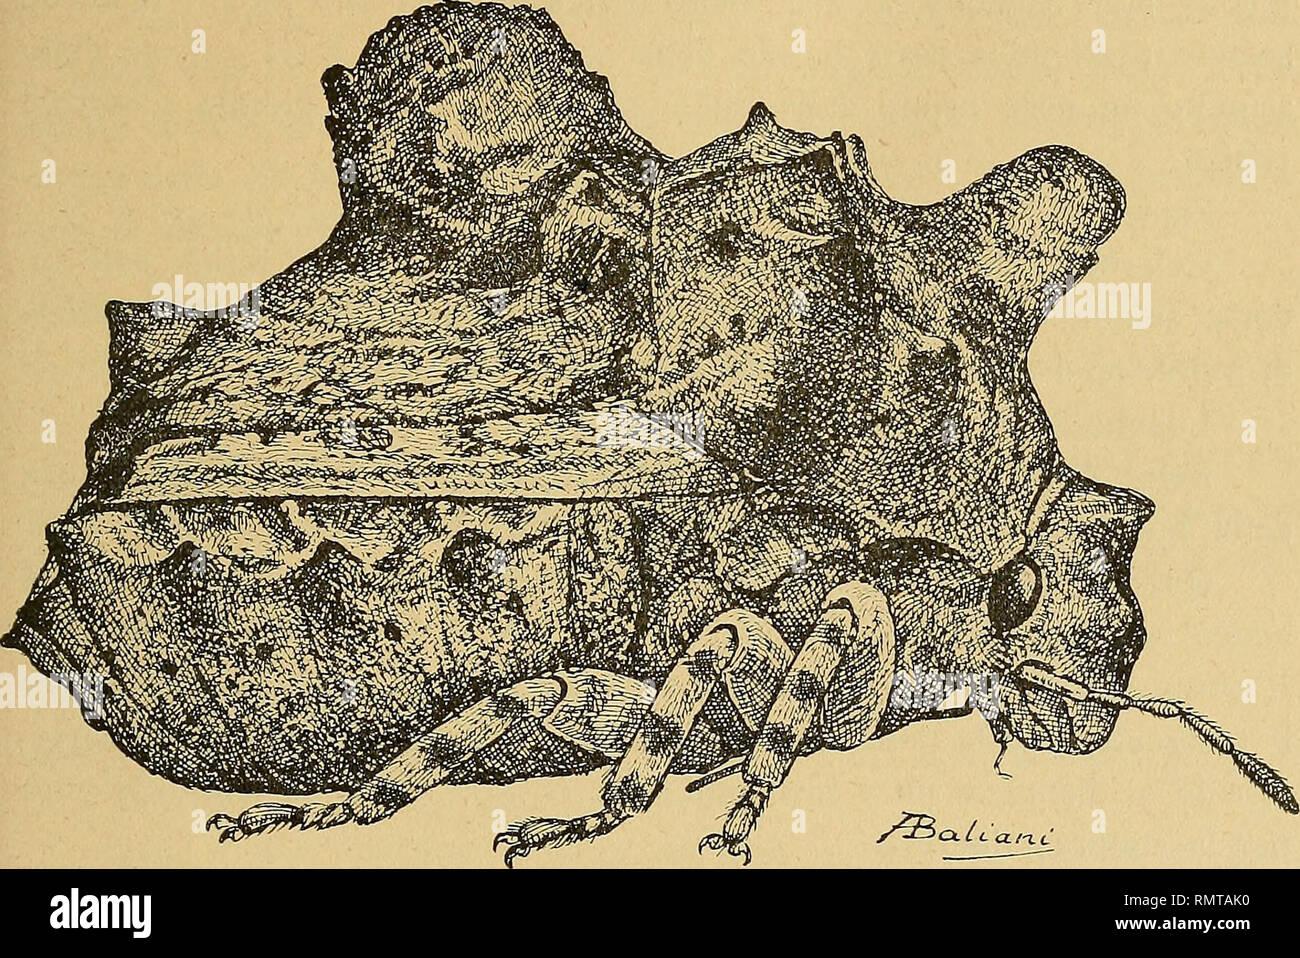 . Annali del Museo civico di storia naturale Giacomo Doria. Historia natural. HEMIPTERA 299 GRAPHOSOMINAE Brachycerocoris Patri zi i n. sp. Corpo tozzo, fortemente convesso, tuberculato, largamente ovoide. Fortemente convesso Capo, declive, cuasi perpendicolare, lungo, subcilin- drico, troncato en avanti, con tre tubercoli onu sul discoteca, grande trian- golare molto sporgente, debido poco più sotto su ogni lato della el base del tilo arrotondati e molto meno sporgenti, tilo libero, ocelos circa il- DOP. Fig. Ili - Brachycerocoris Patrizii n. sp. pio distanti fra loro che la distanza dal loro dagli occhi. R Foto de stock